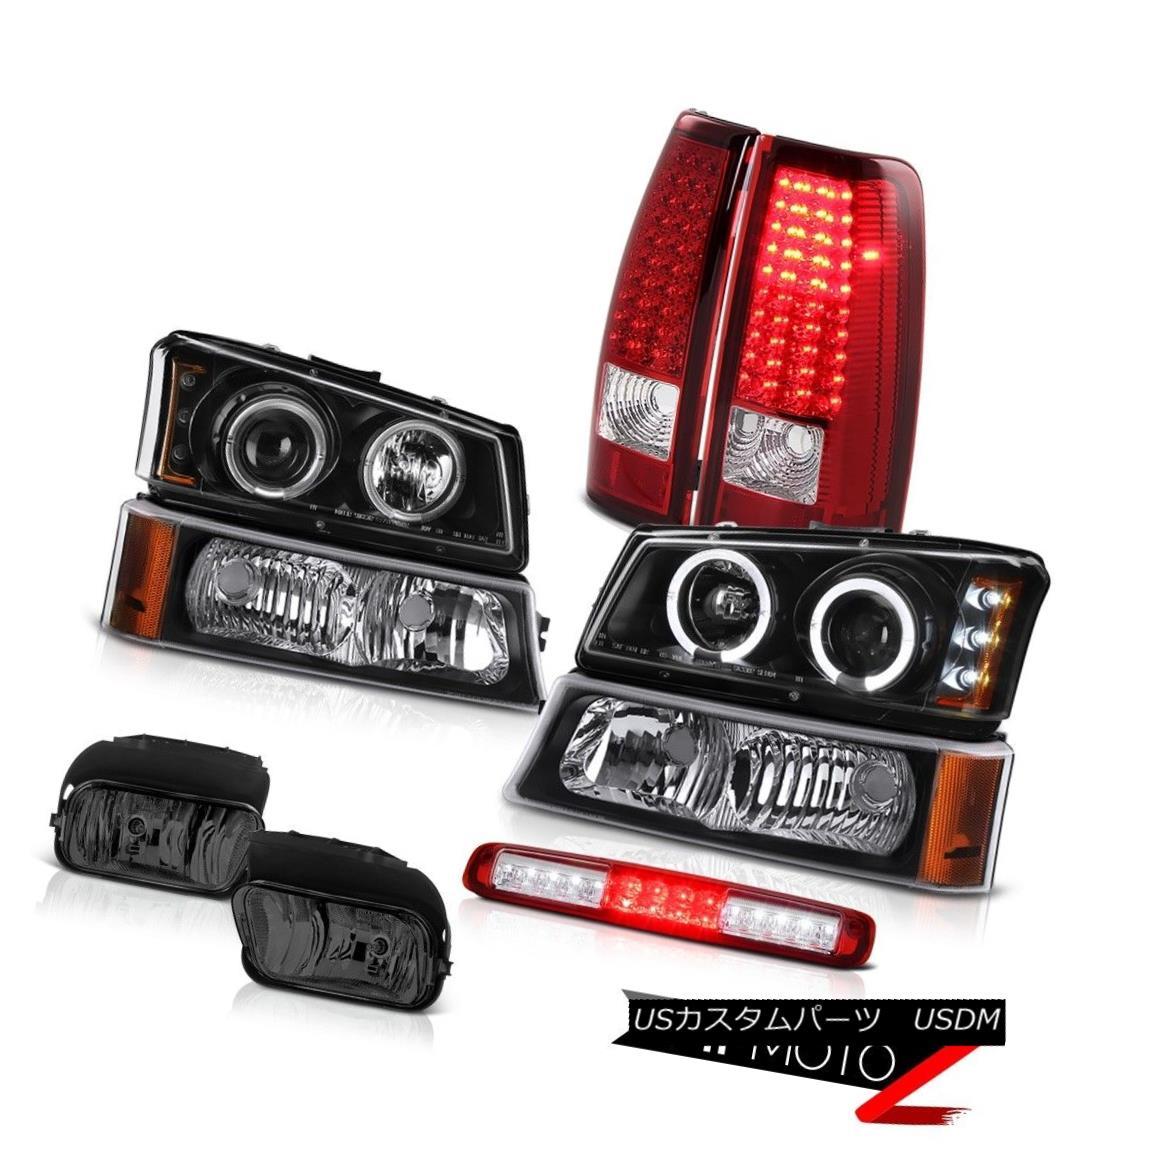 テールライト 03-06 Silverado Fog Lights Signal Lamp High Stop Light Headlamps Tail Lamps SMD 03-06 Silveradoフォグライト信号ランプハイストップライトヘッドランプテールランプSMD